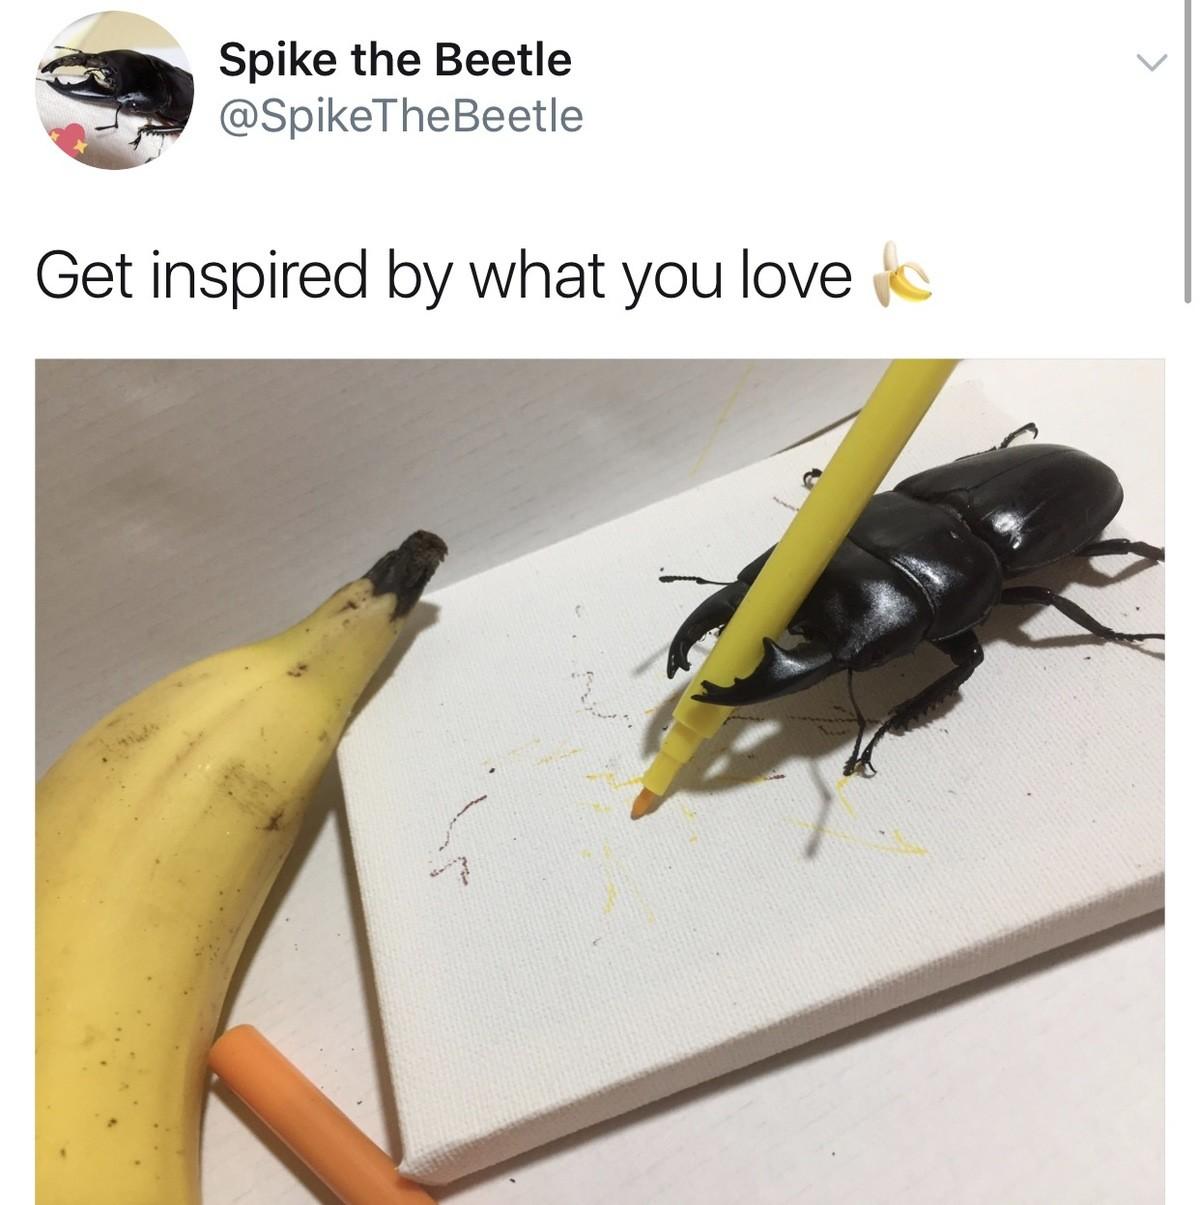 Spike the Beetle. . hee, J Spike the Beetle 'NP'. Rhinoceros beetle > Stag beetle Fite me Spike the Beetle hee J 'NP' Rhinoceros beetle > Stag Fite me